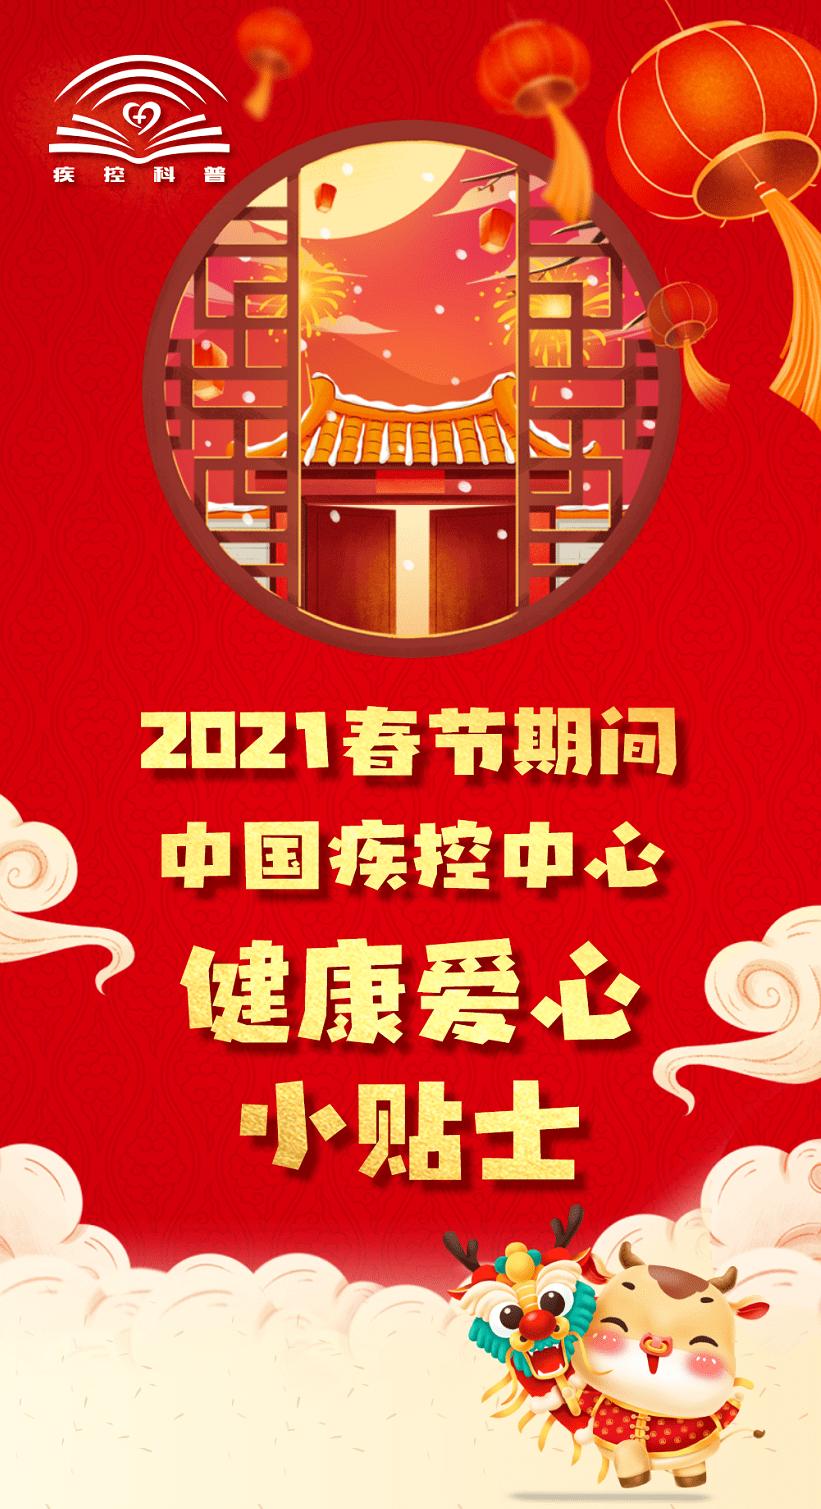 春节快到了,我给你中国疾控中心的健康和爱情小贴士!